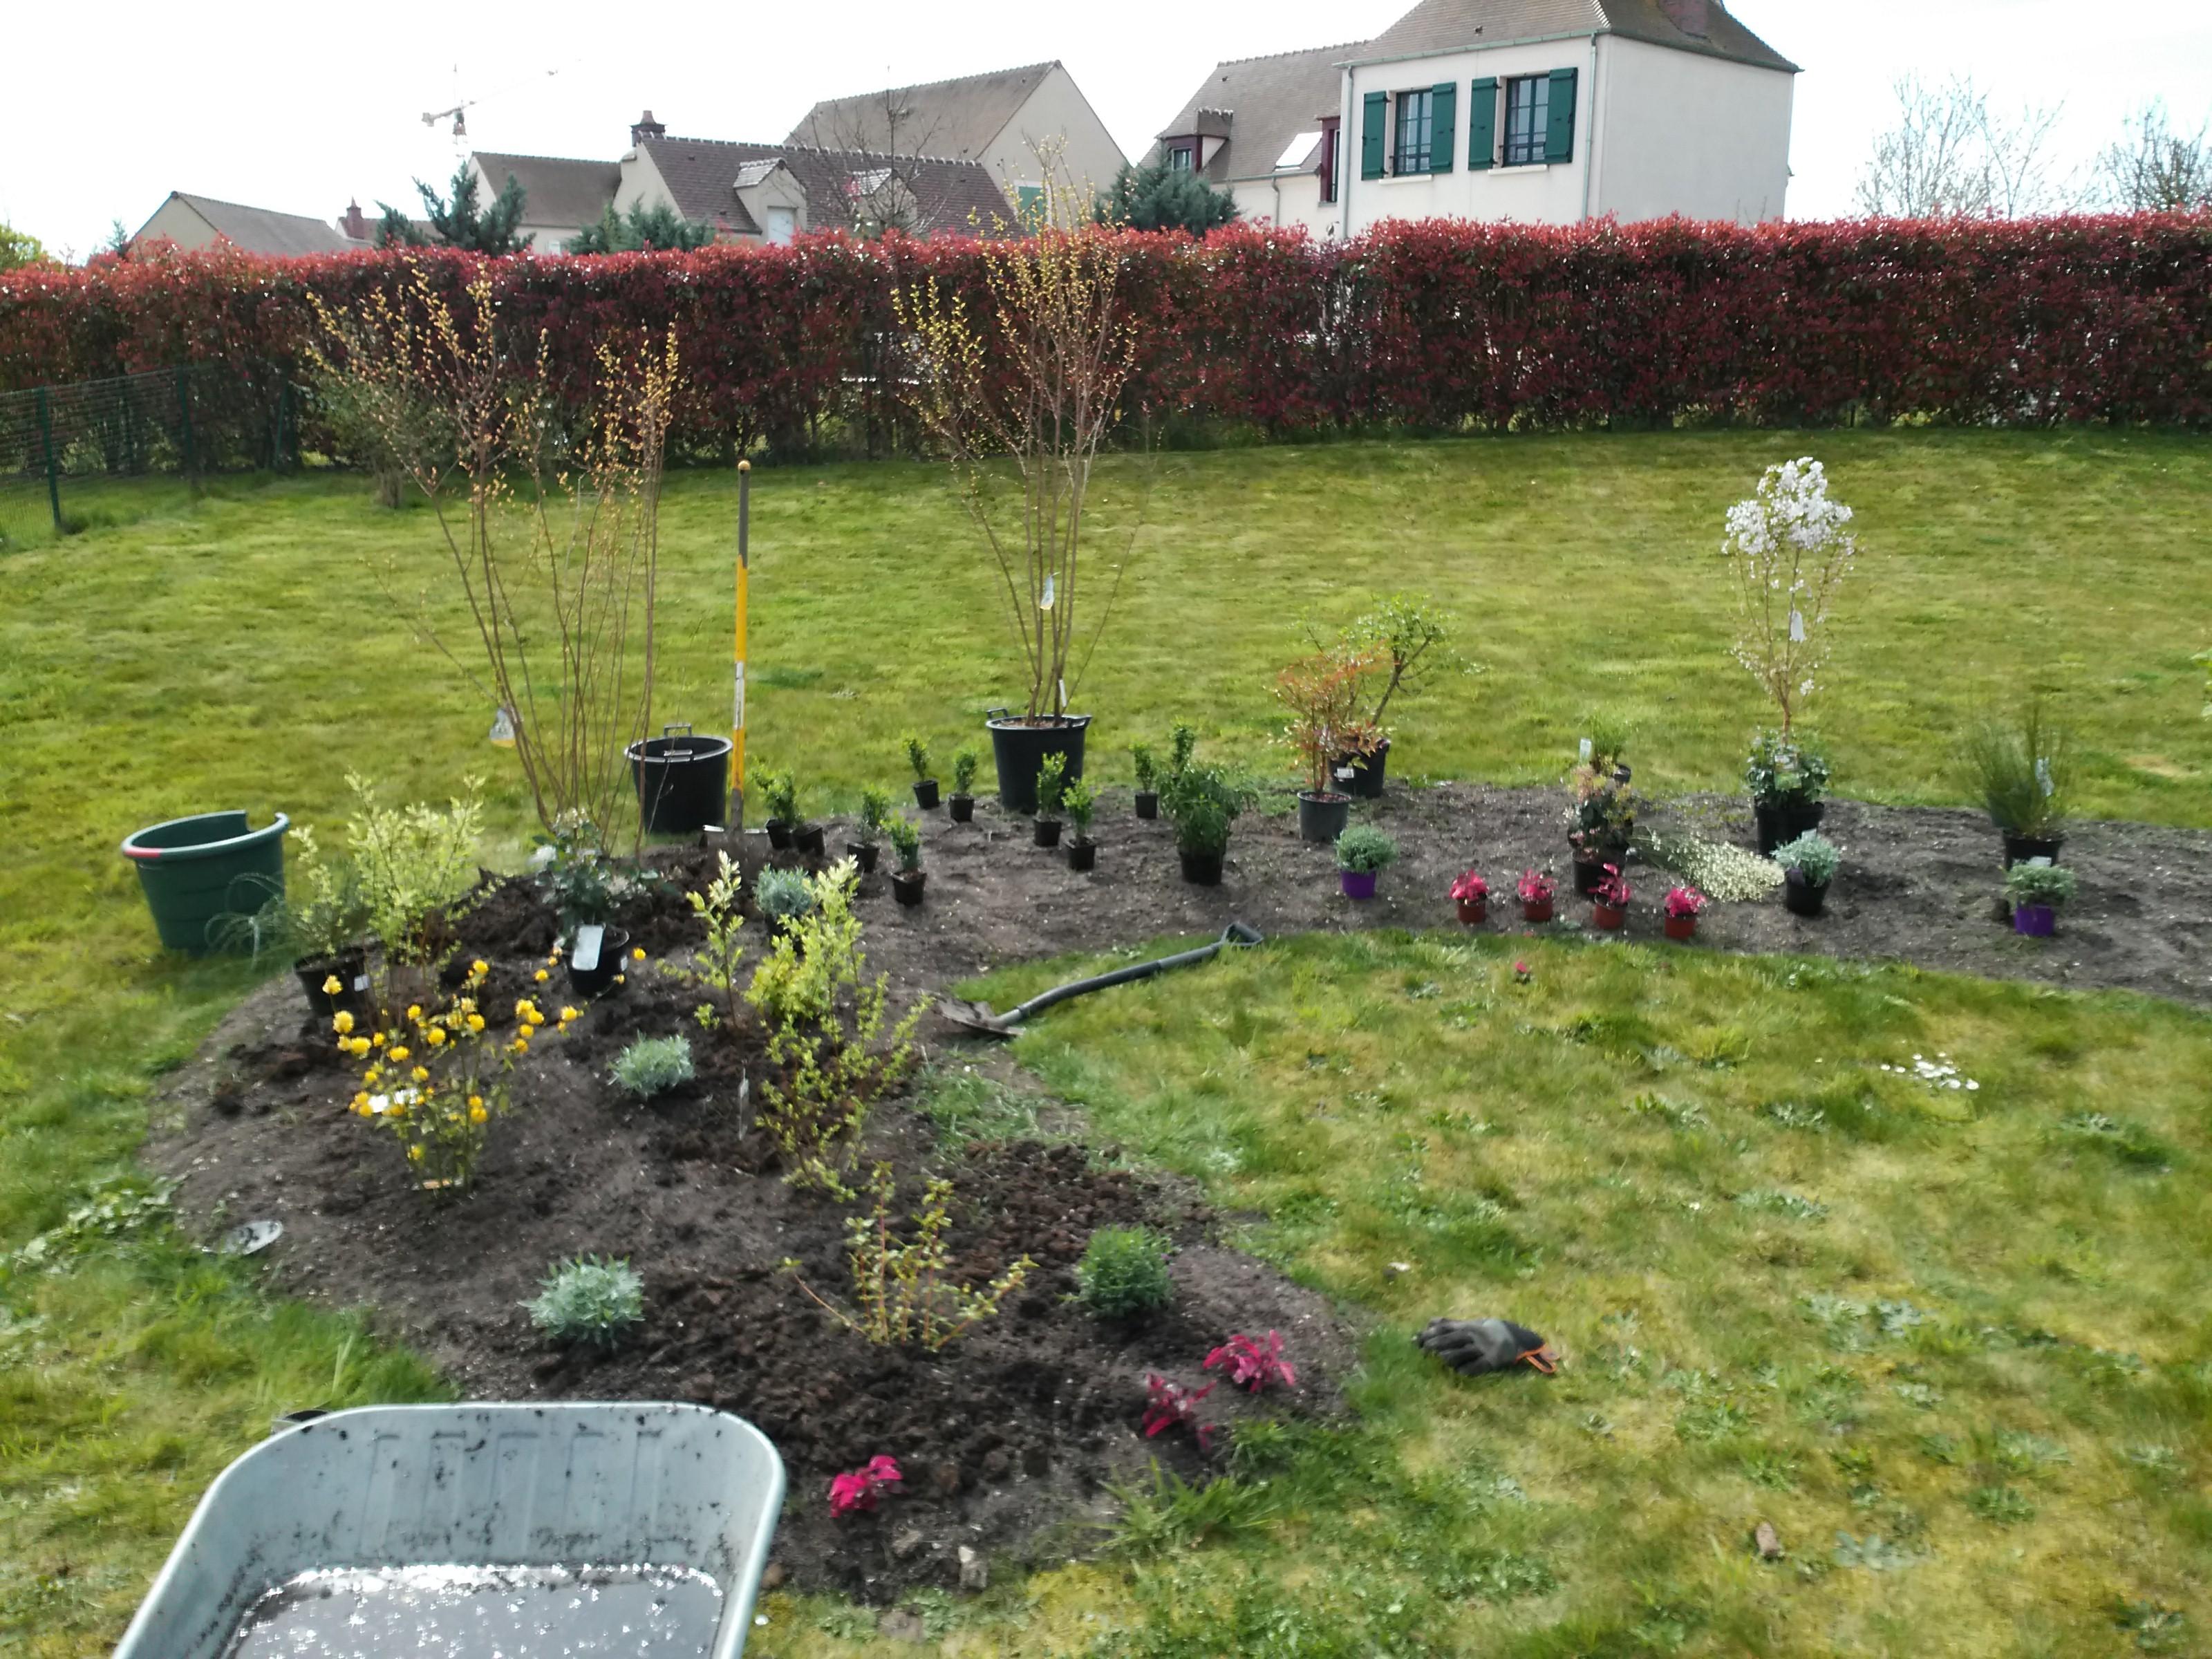 Am nagement jardin magny le hongre les espaces verts du for Amenagement jardin fleuri